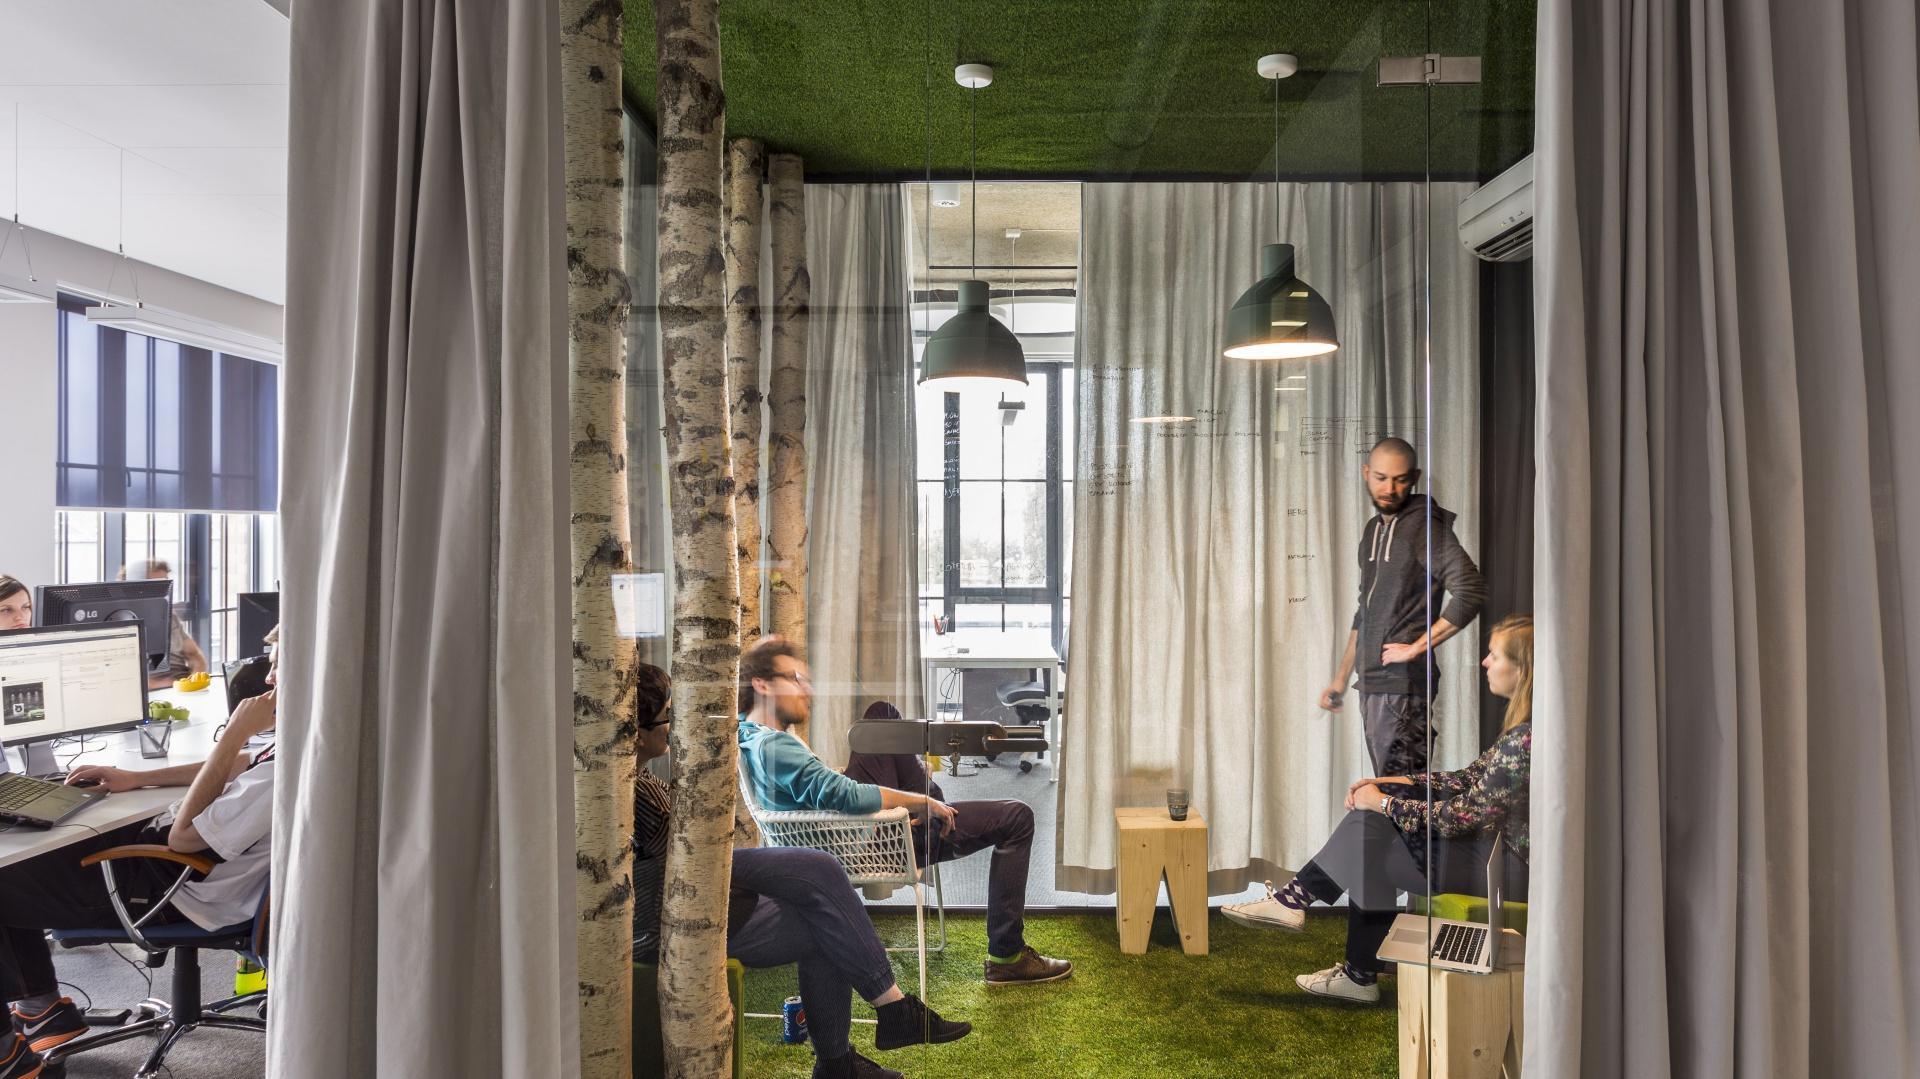 W kontraście dla surowego tła, wprowadzono akcenty bardzo naturalne i kojarzące się z odpoczynkiem, w postaci prawdziwych pni brzóz, drewnianych mebli wykonanych ze sklejki brzozowej, oraz sztucznej trawy, przekornie ułożonej na ścianach i sufitach. Fot. Libido Architekci